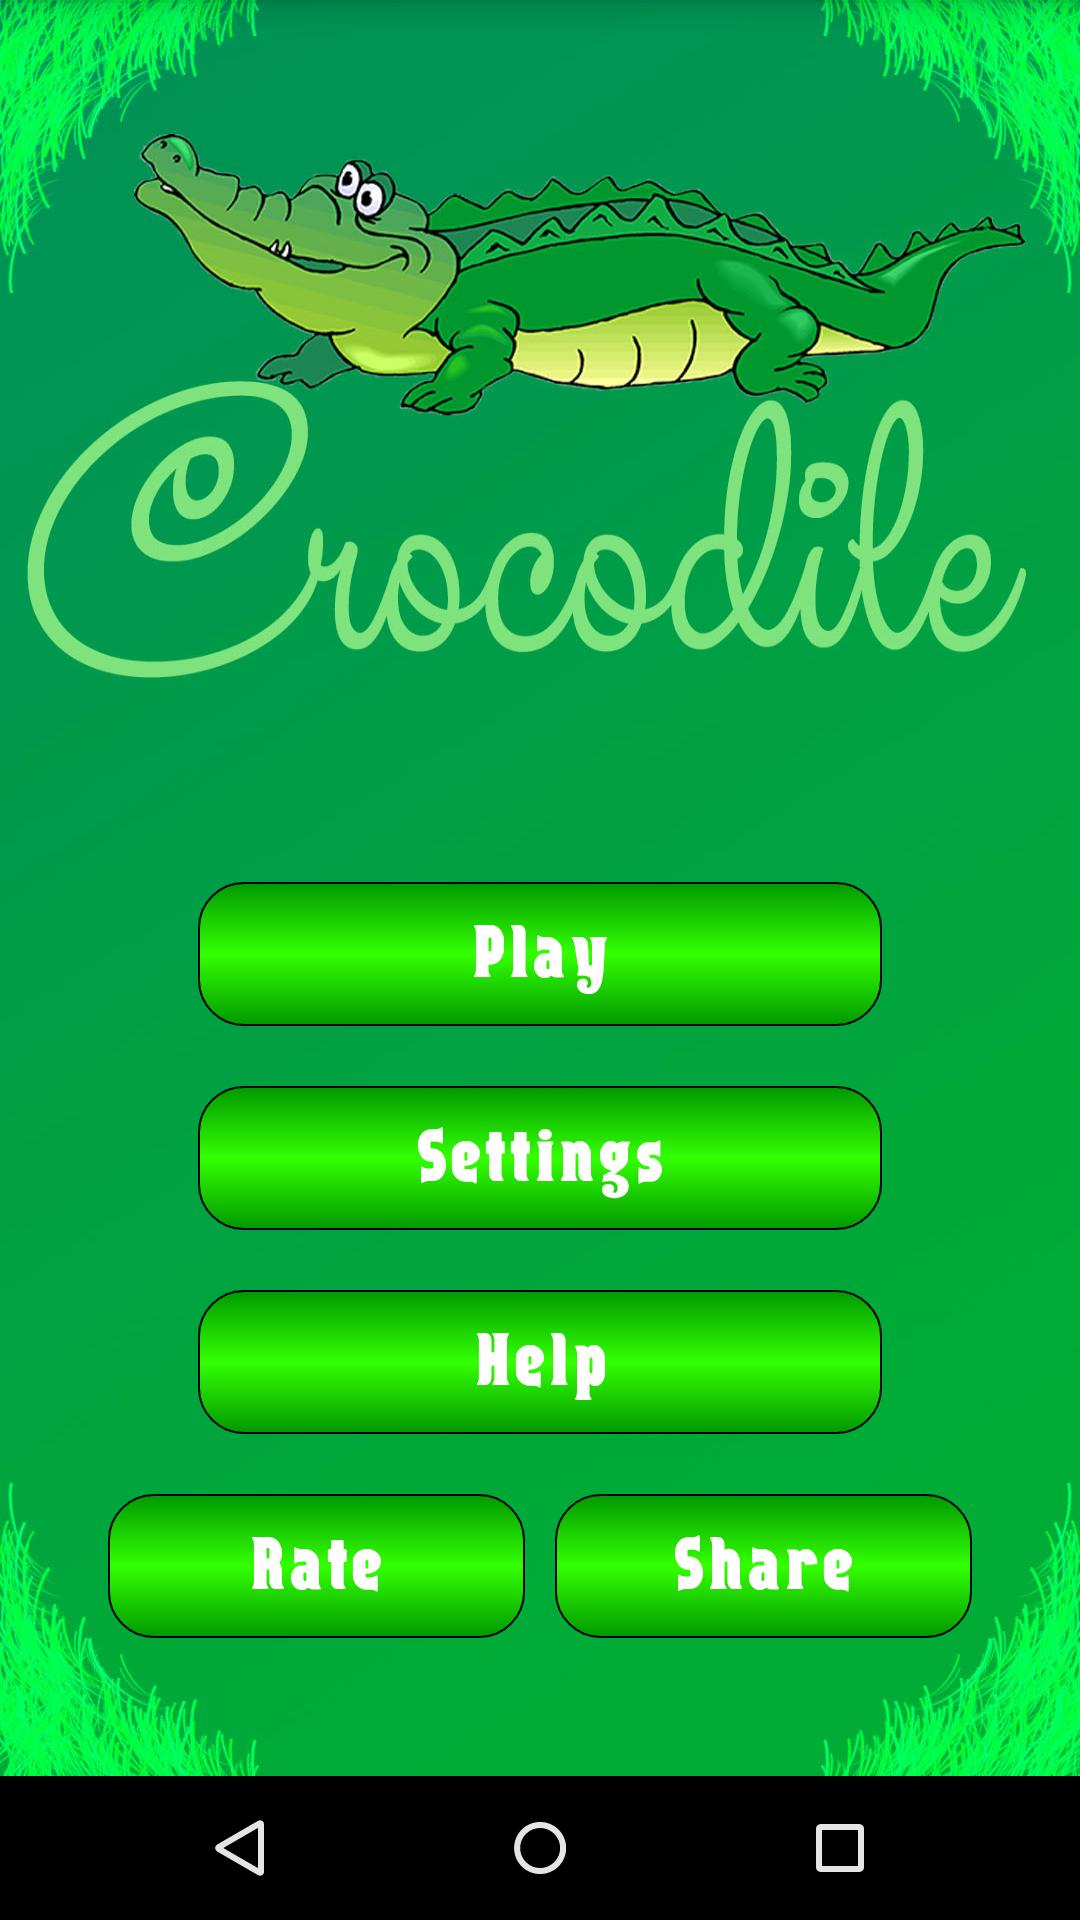 Crocodile+